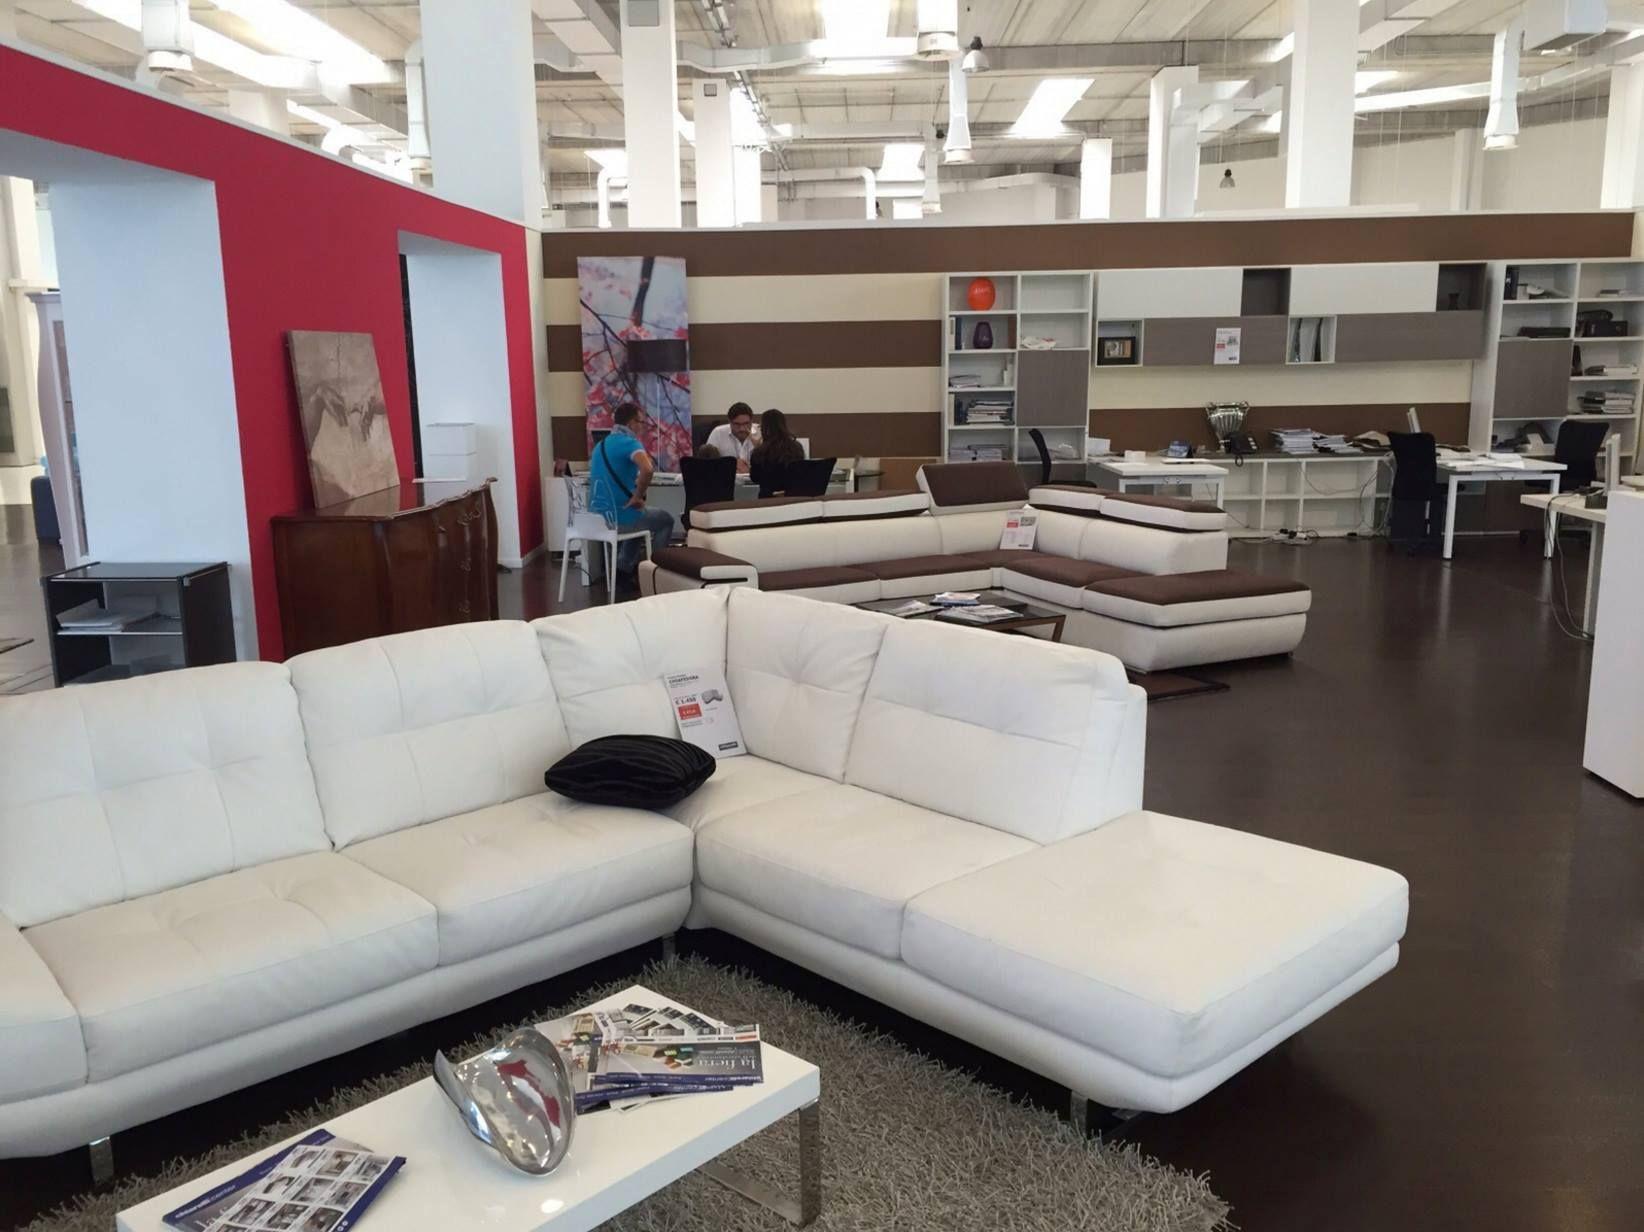 chiarelli center arredamenti - bari (modugno) divani, cucine ... - Cucina Febal Light La Qualita Accessibile